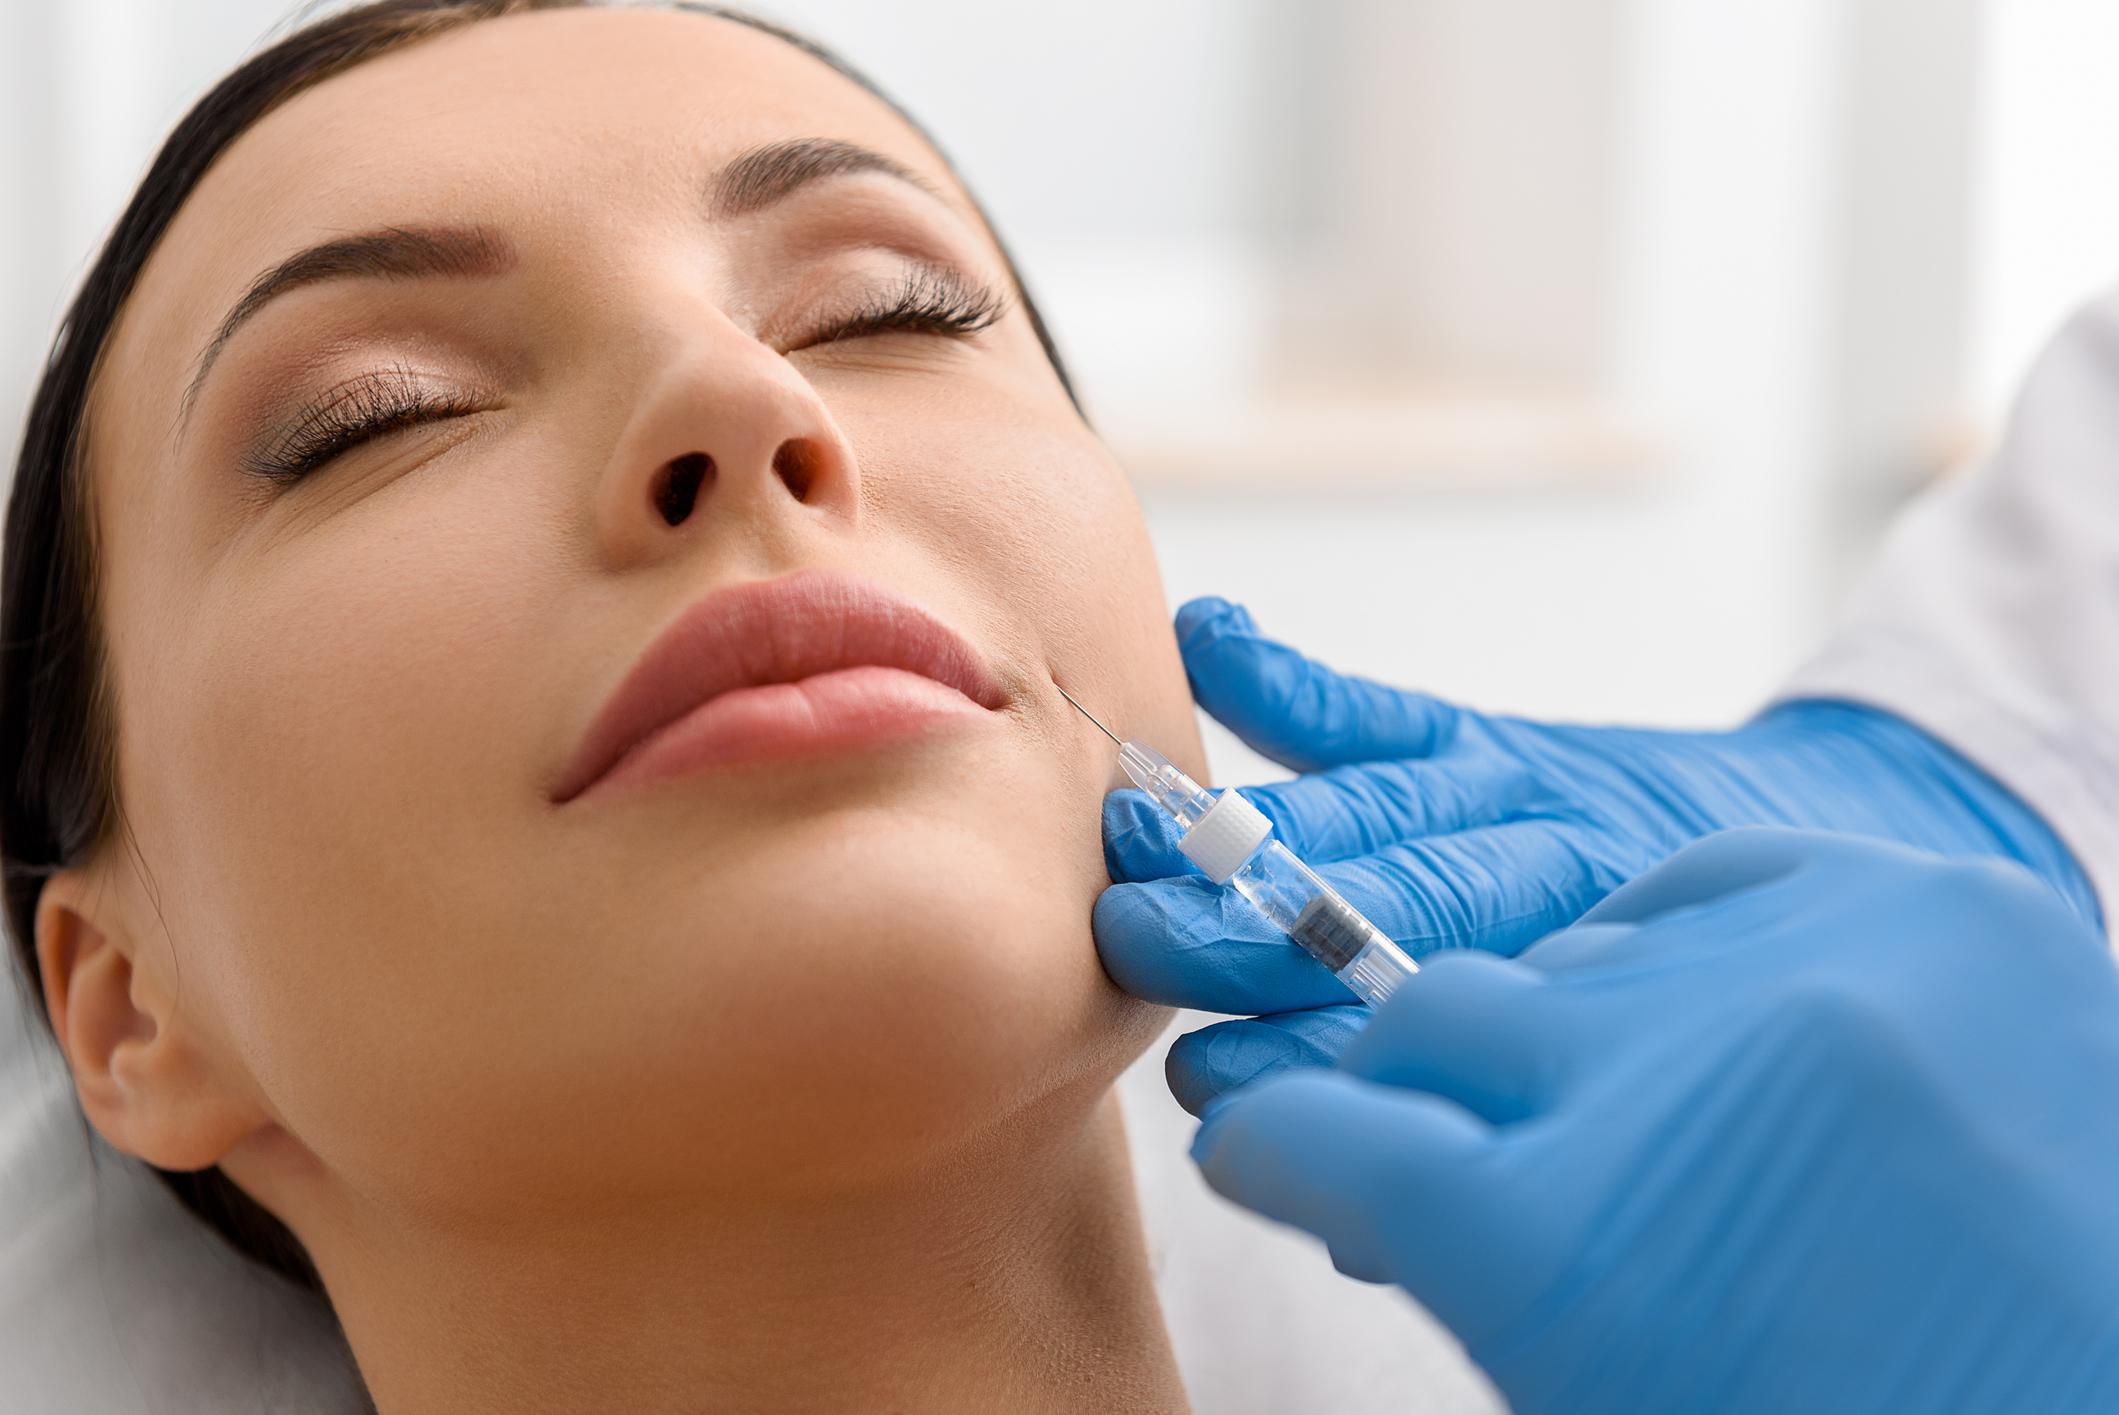 Dermal Filler: Nasolabial Folds